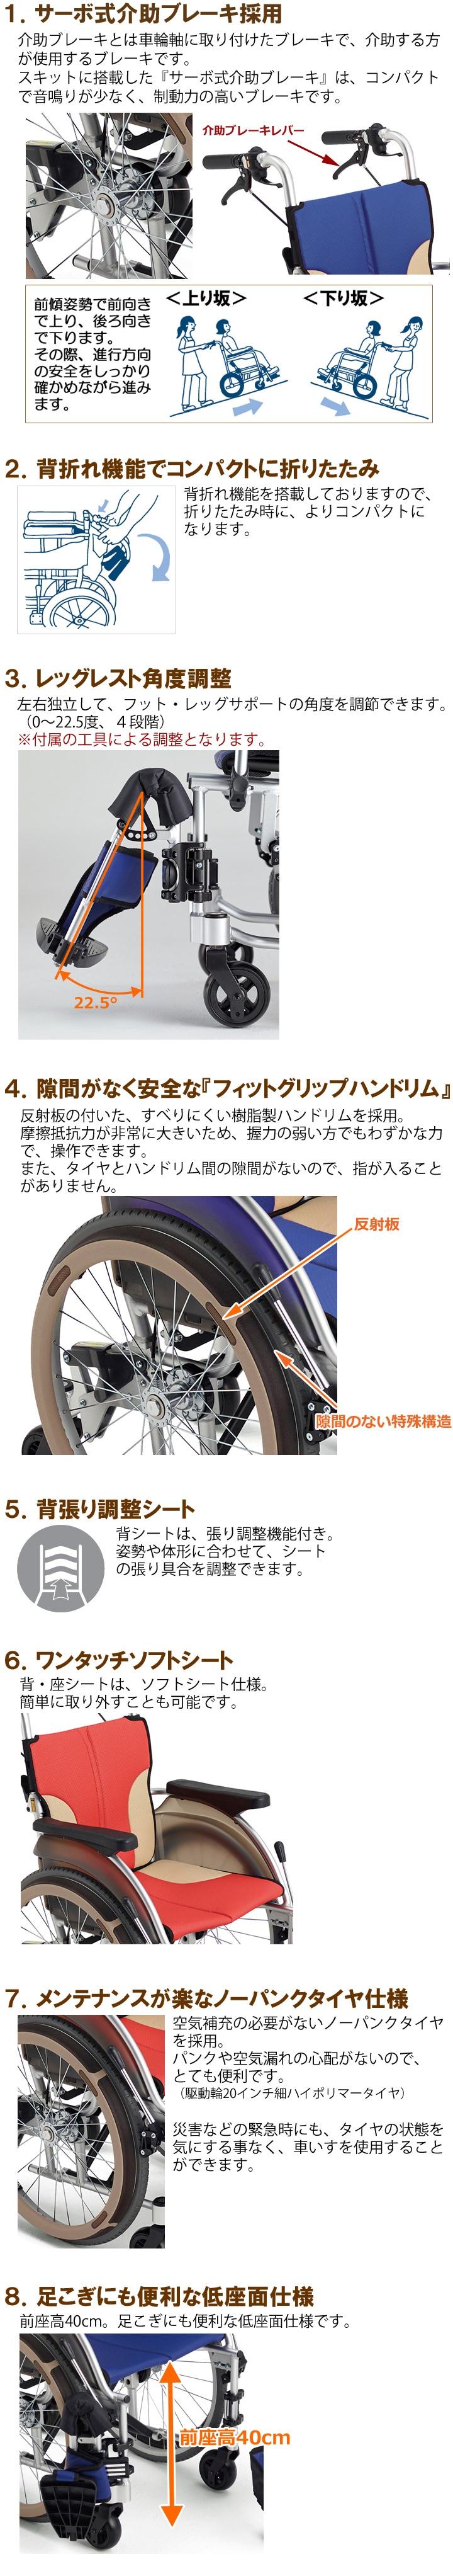 低床型 自走用六輪車いす SKT-500「スキット500」の機能説明